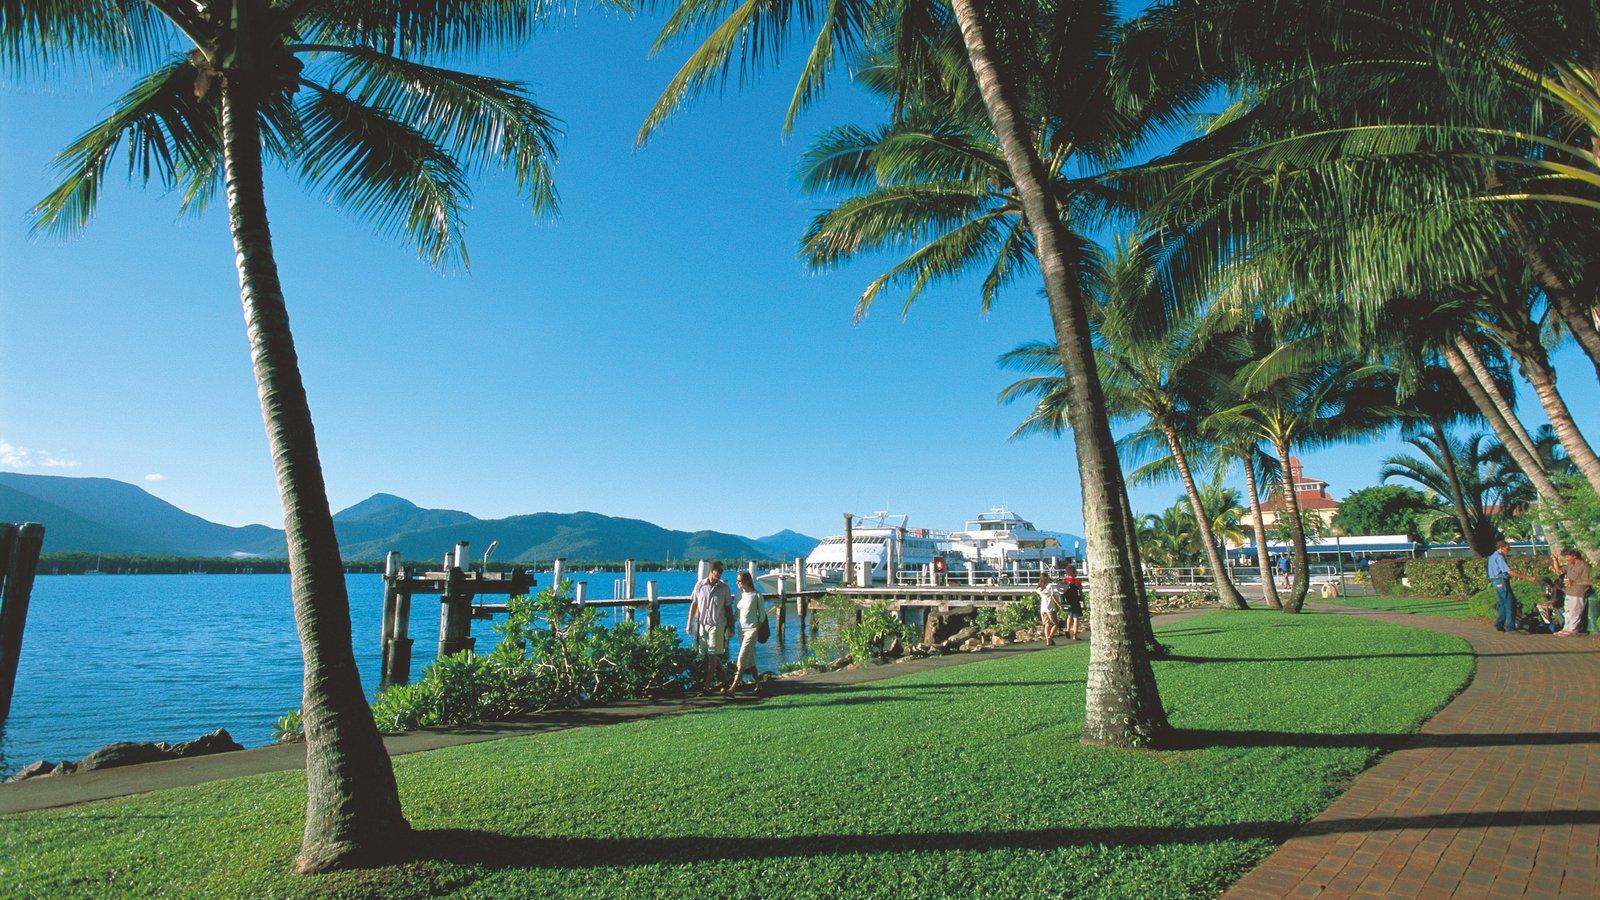 Cairns Esplanade que incluye escenas tropicales, una marina y vistas generales de la costa